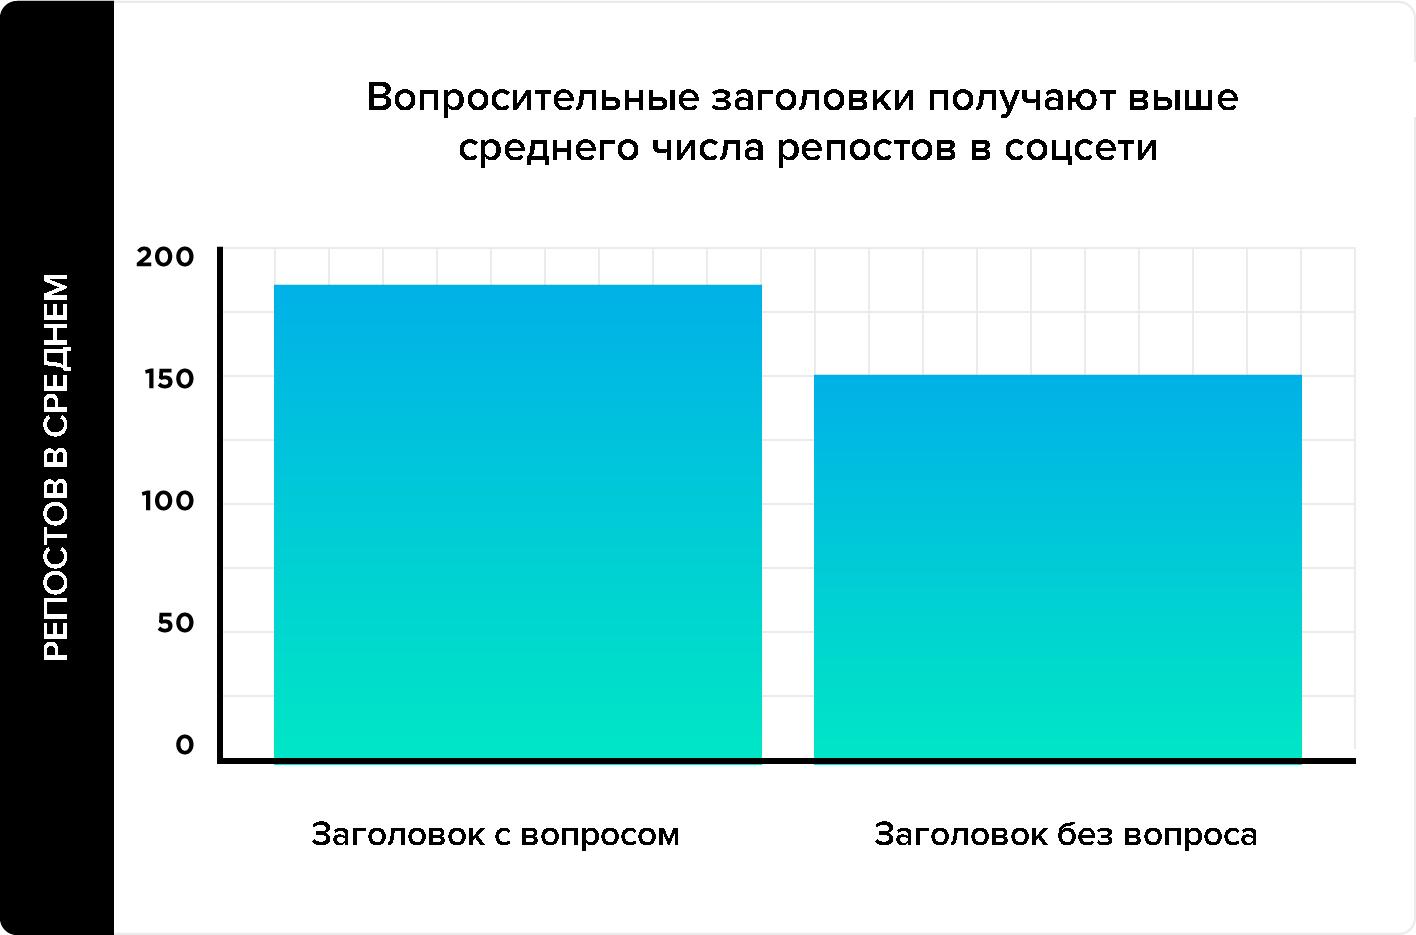 График длины заголовков и количества репостов